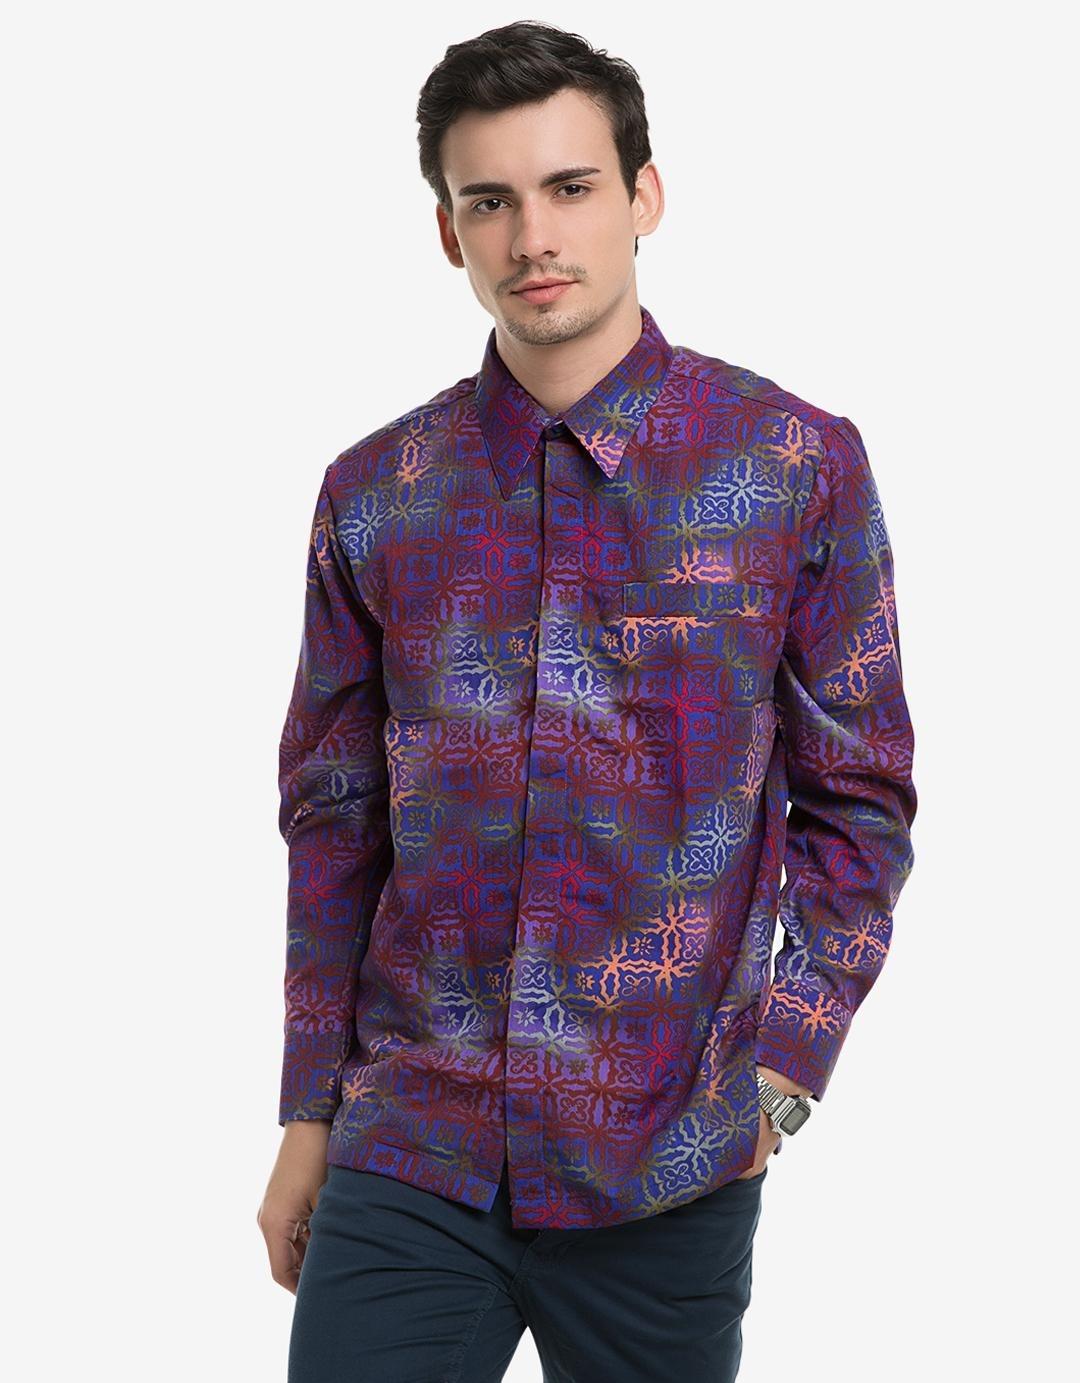 Lengkap! 30+ Model Baju Batik Pria Terbaik 2017 Agar ...